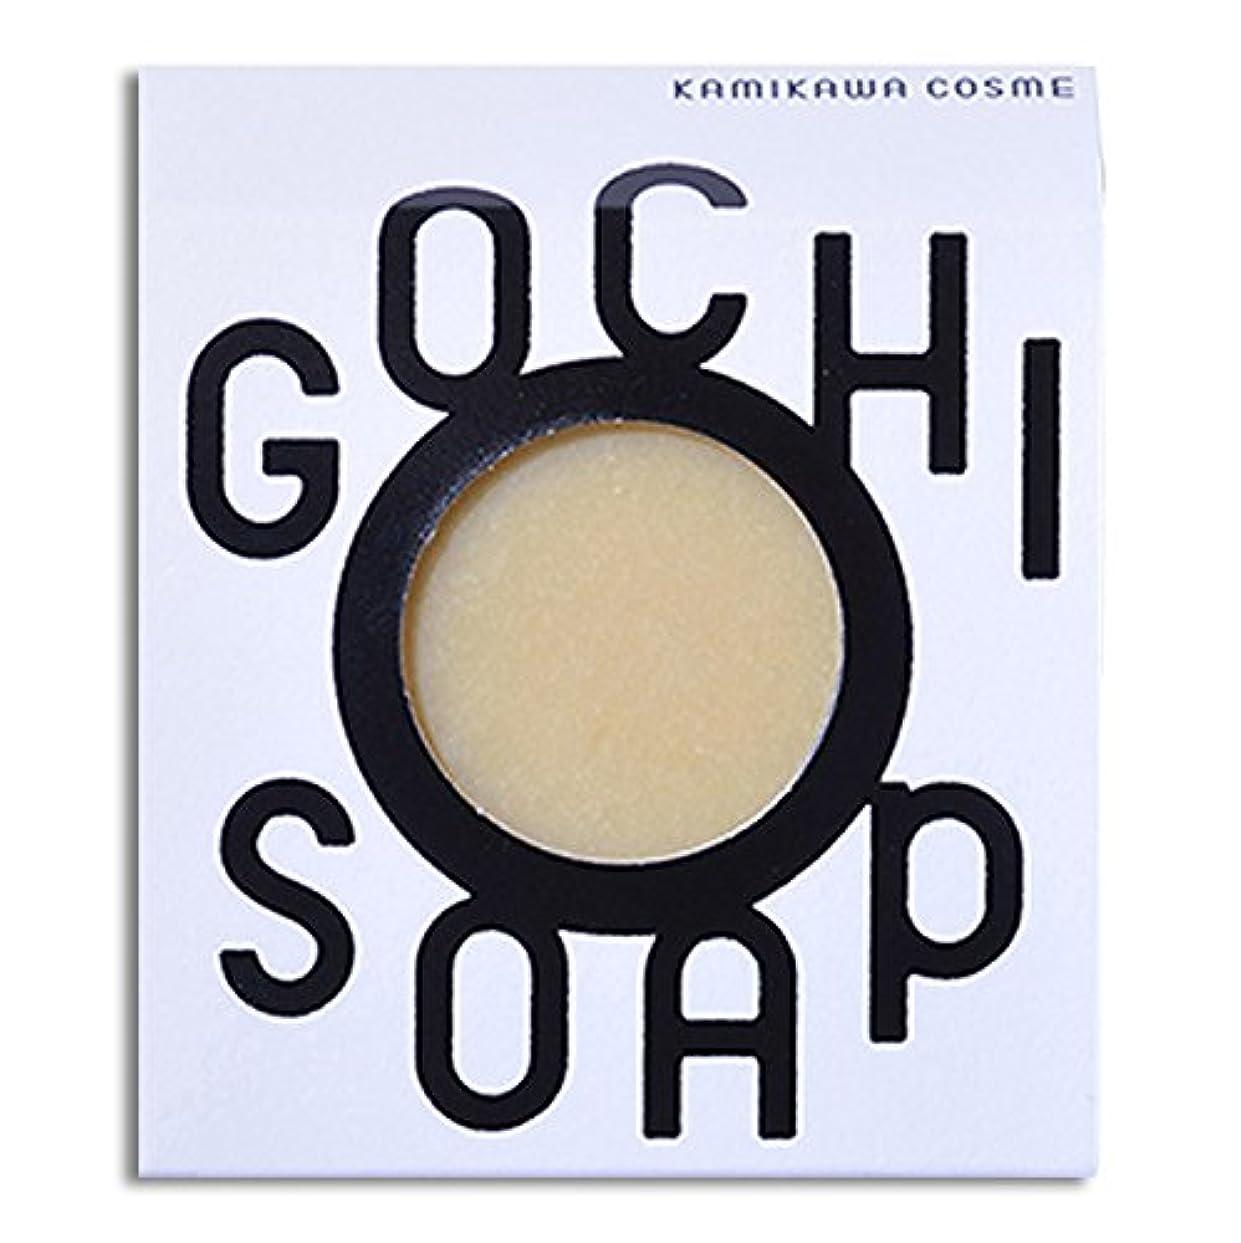 乳白色ヒューマニスティックパンサー道北の素材を使用したコスメブランド GOCHI SOAP(山路養蜂園の蜂蜜ソープ・ふじくらますも果樹園のりんごソープ)各1個セット